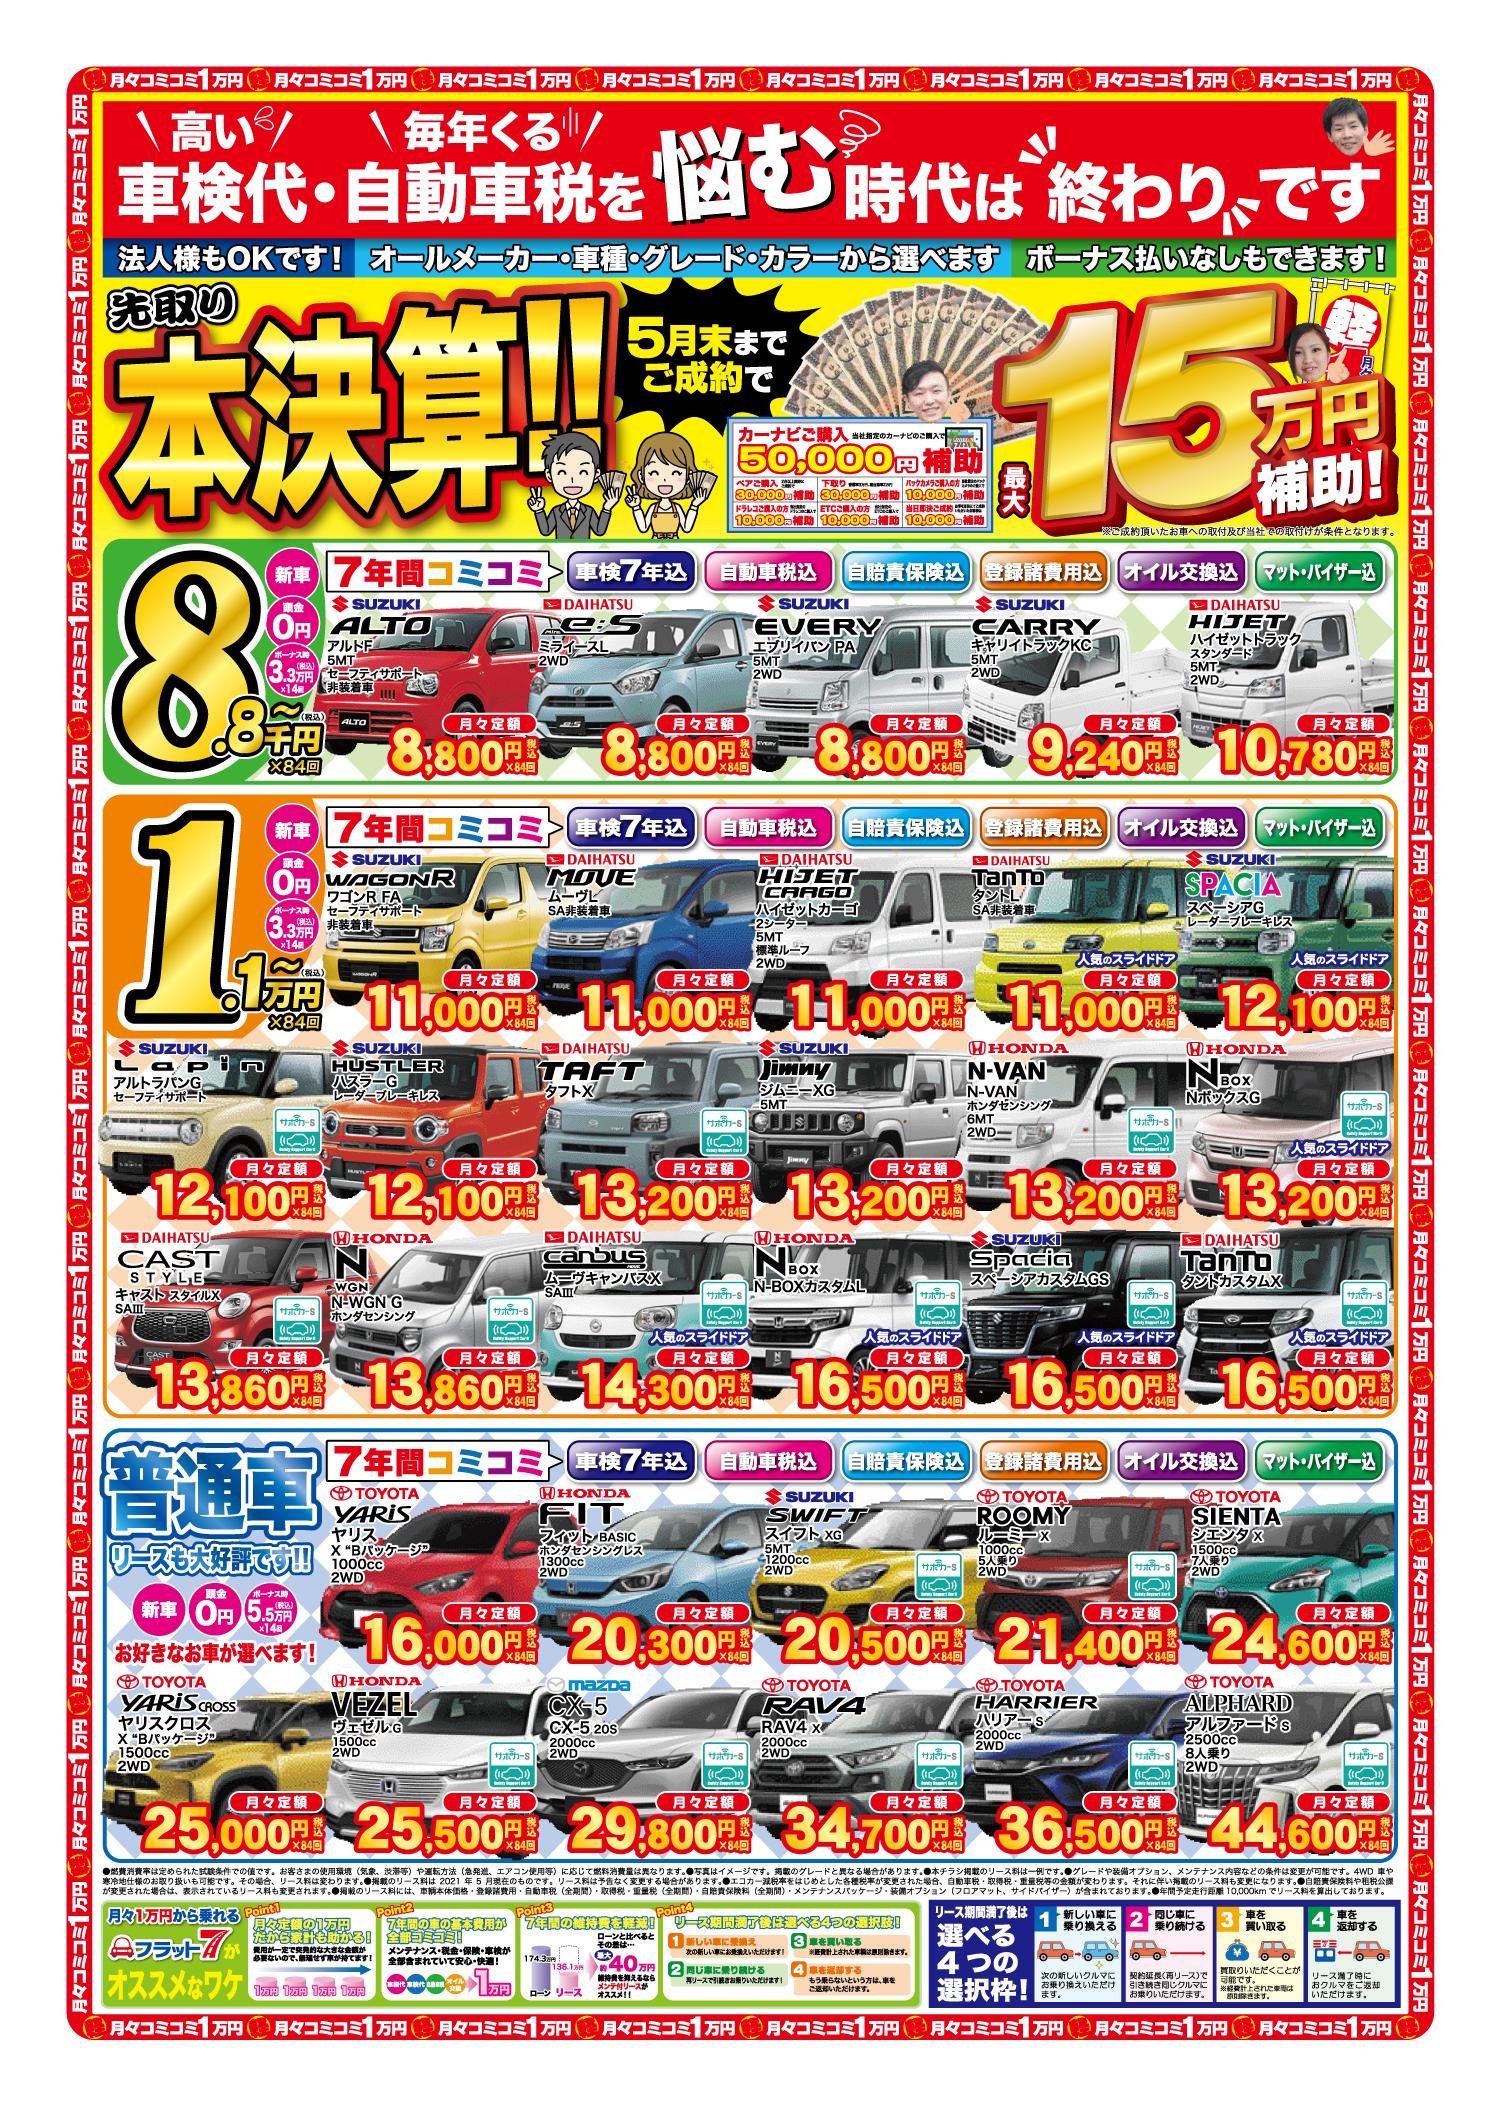 【本決算!!先取り】最大15万円補助!